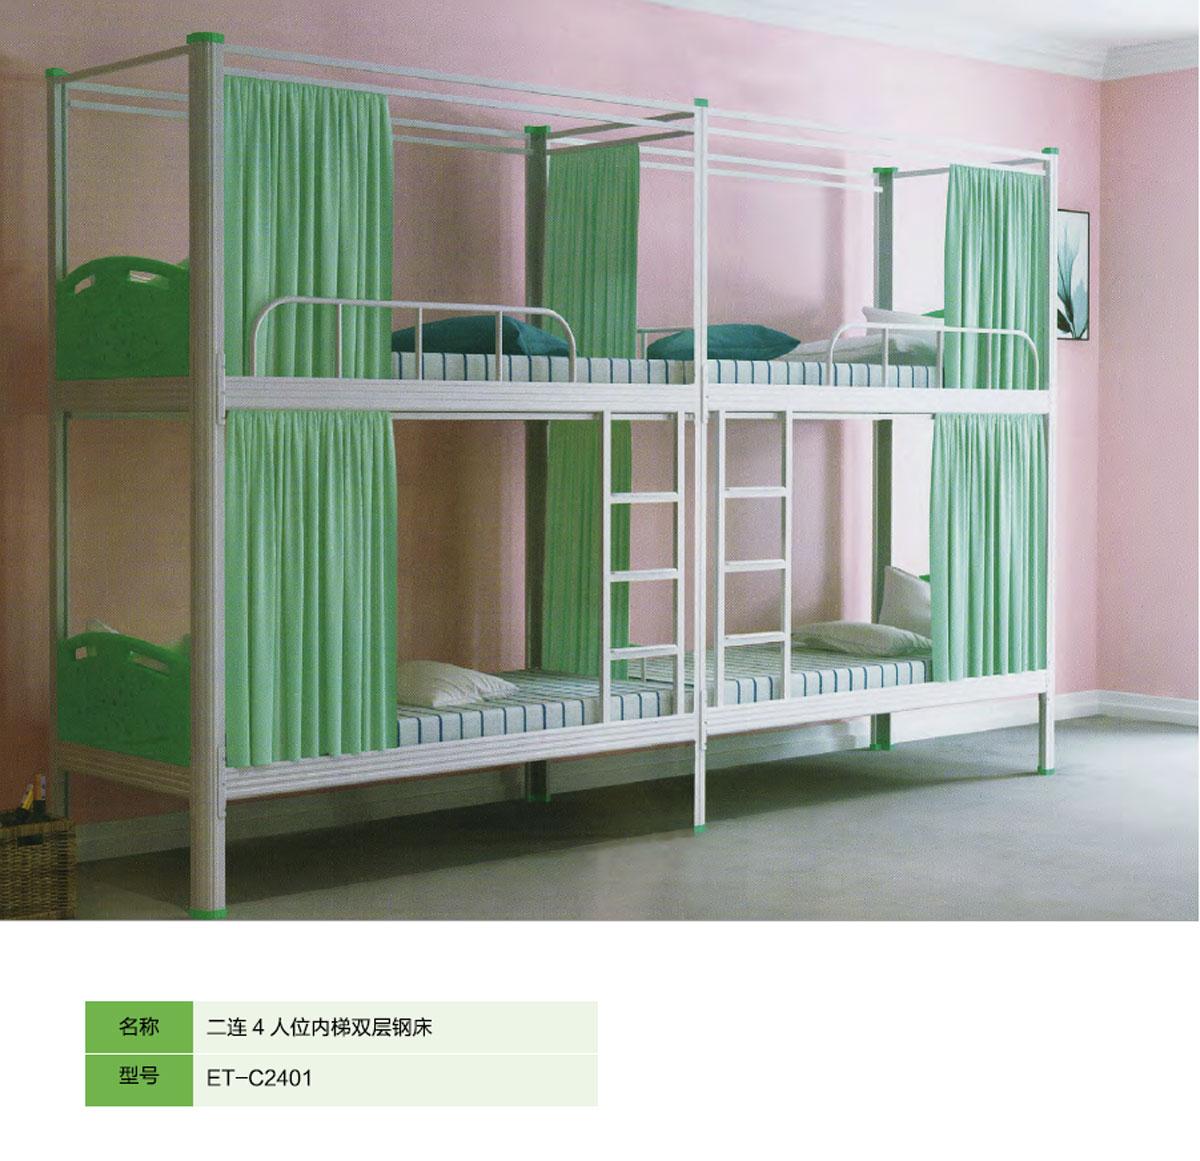 二連4人位內梯雙層鋼床ET-C2401.jpg